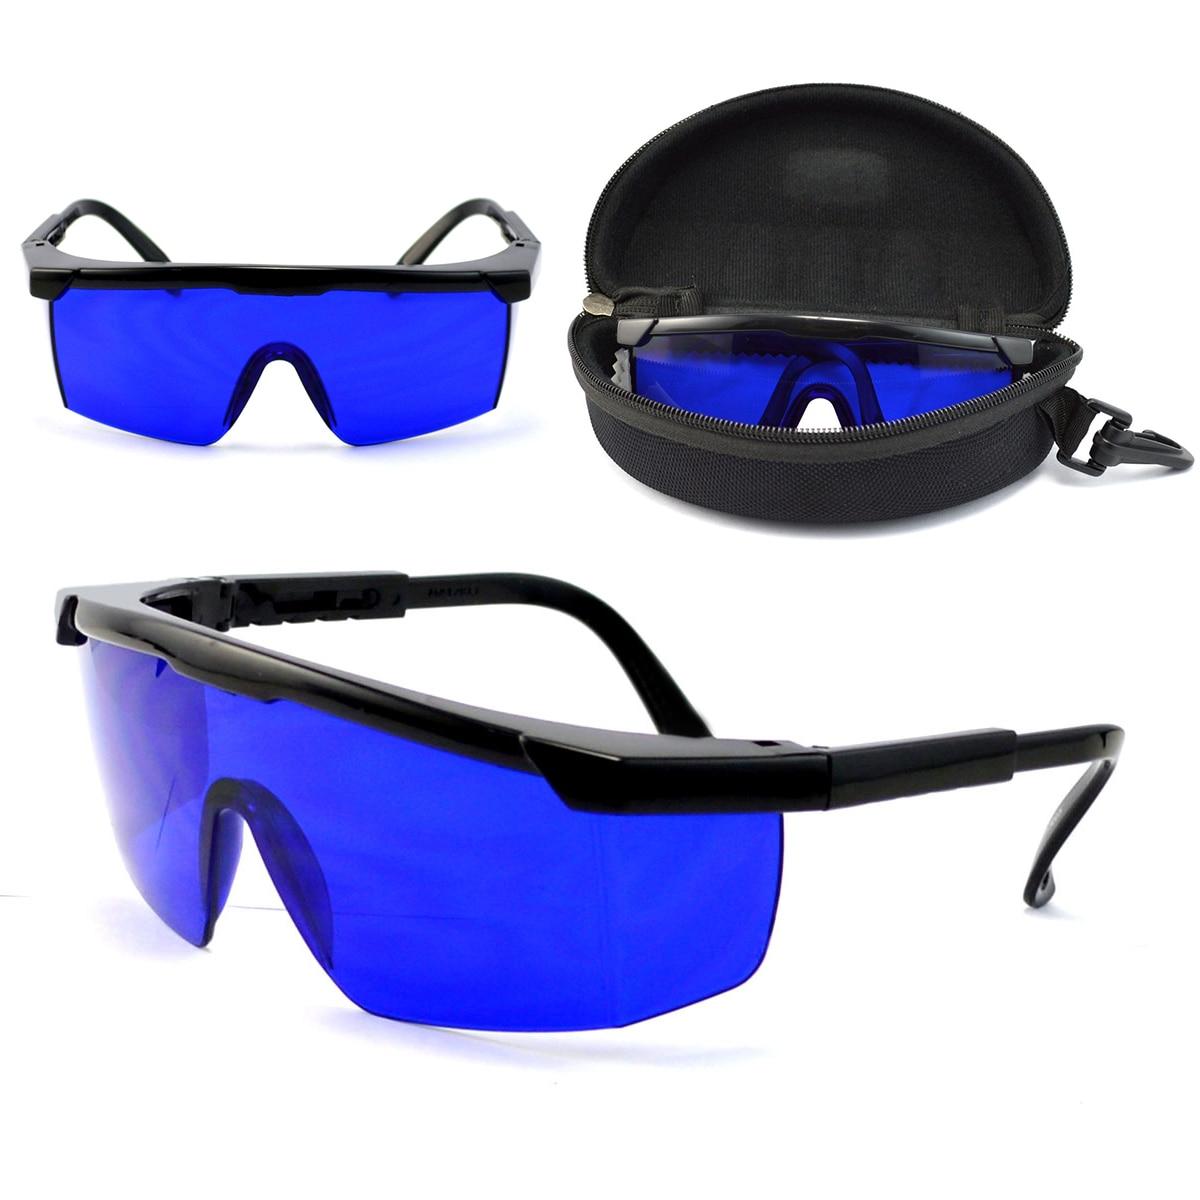 Mayitr profesional Golf bola buscador Gafas protección ocular Golf Accesorios azul Objetivos deporte Gafas con caja